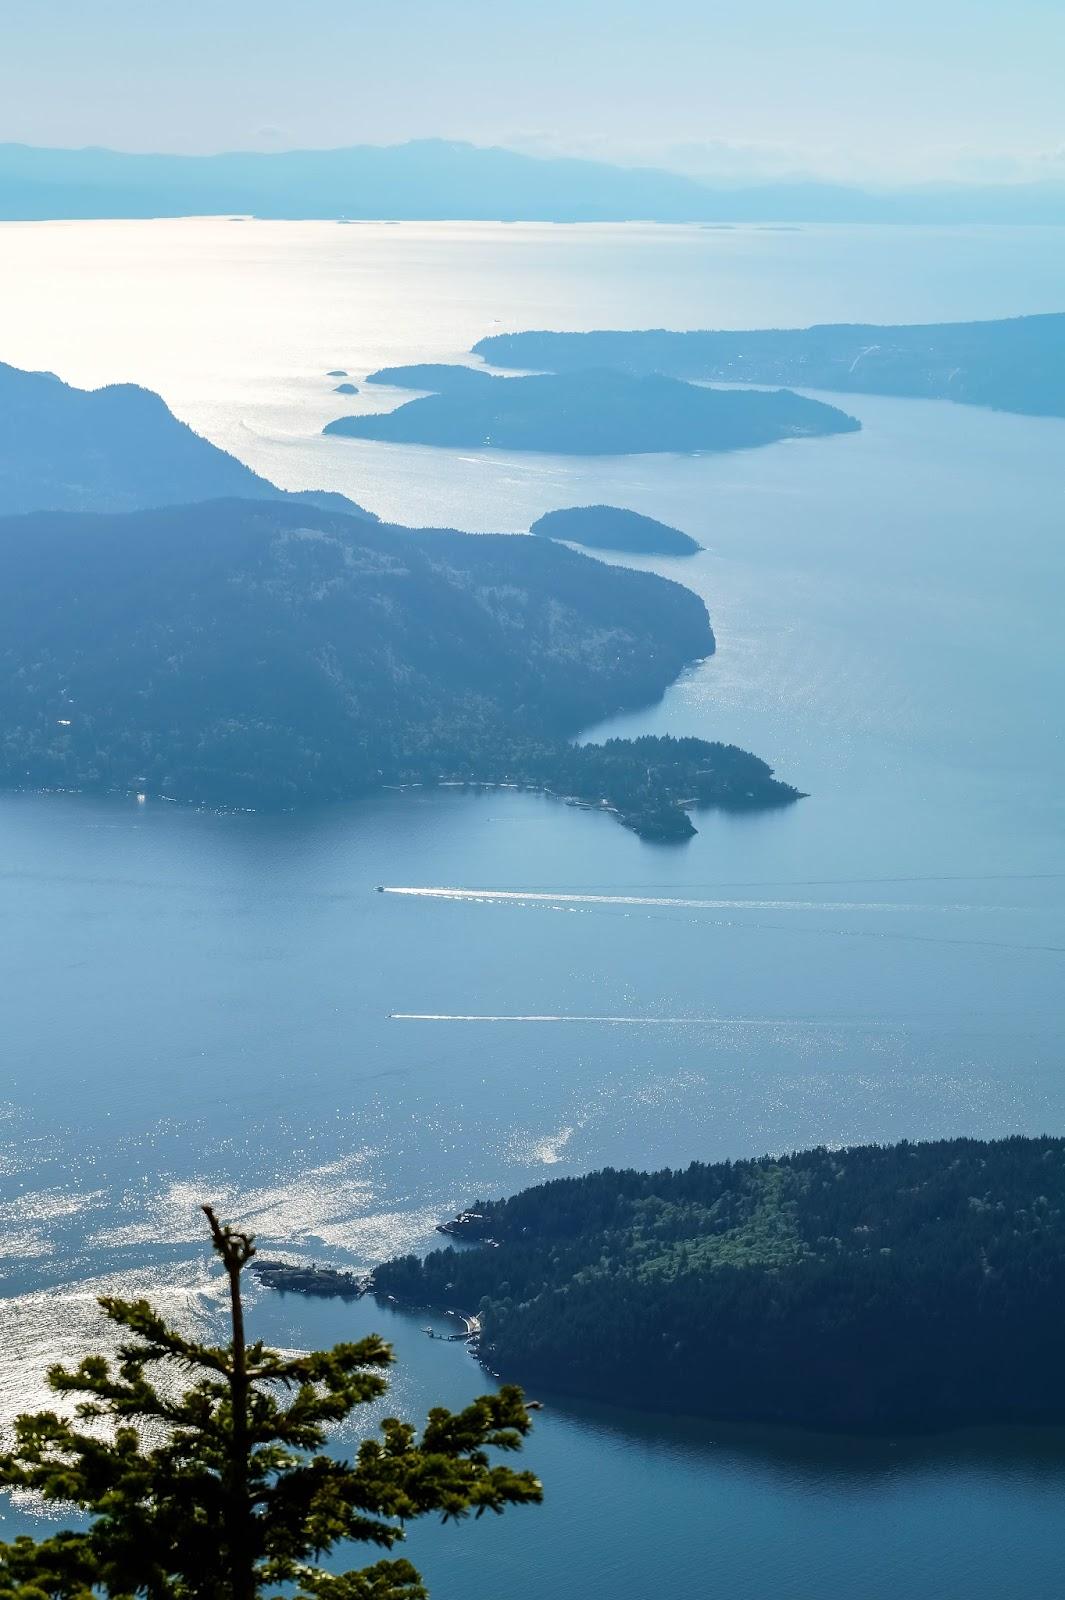 Снизу простирается залив до самых гор острова Ванкувер на горизонте